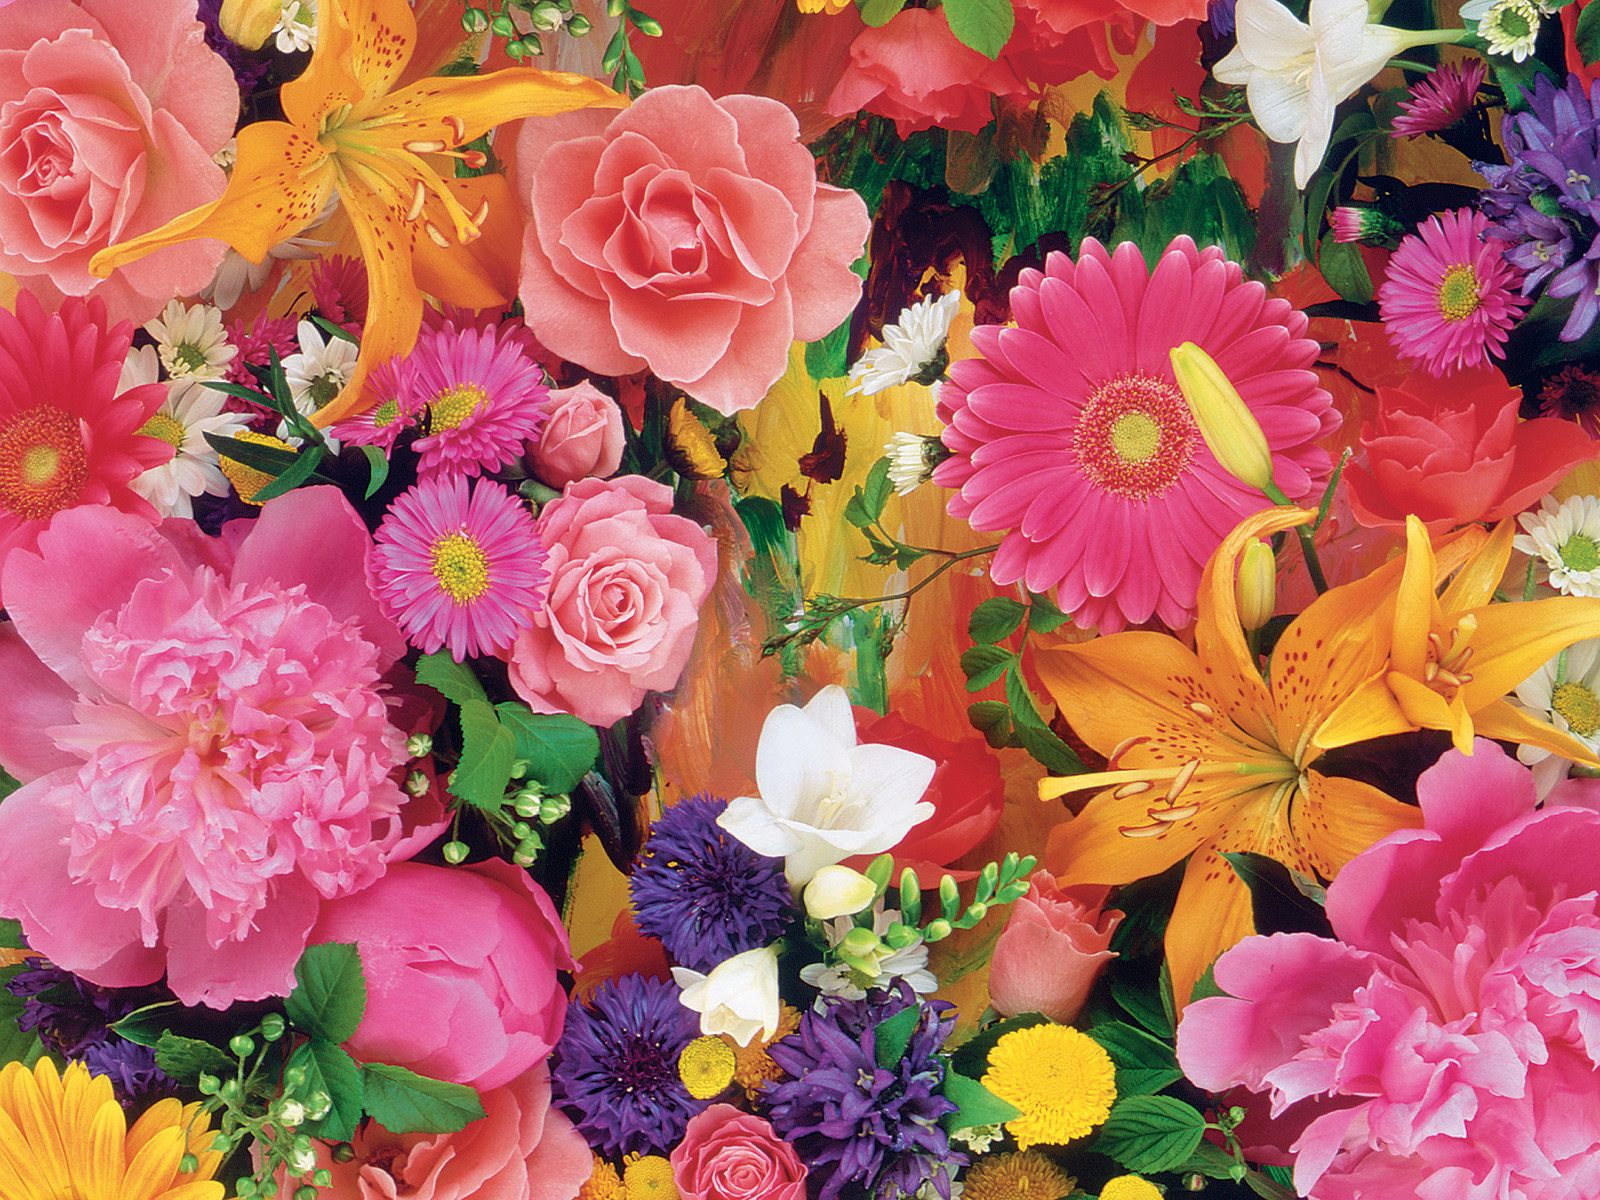 при картинки всех расцветок творческой копилке успешной